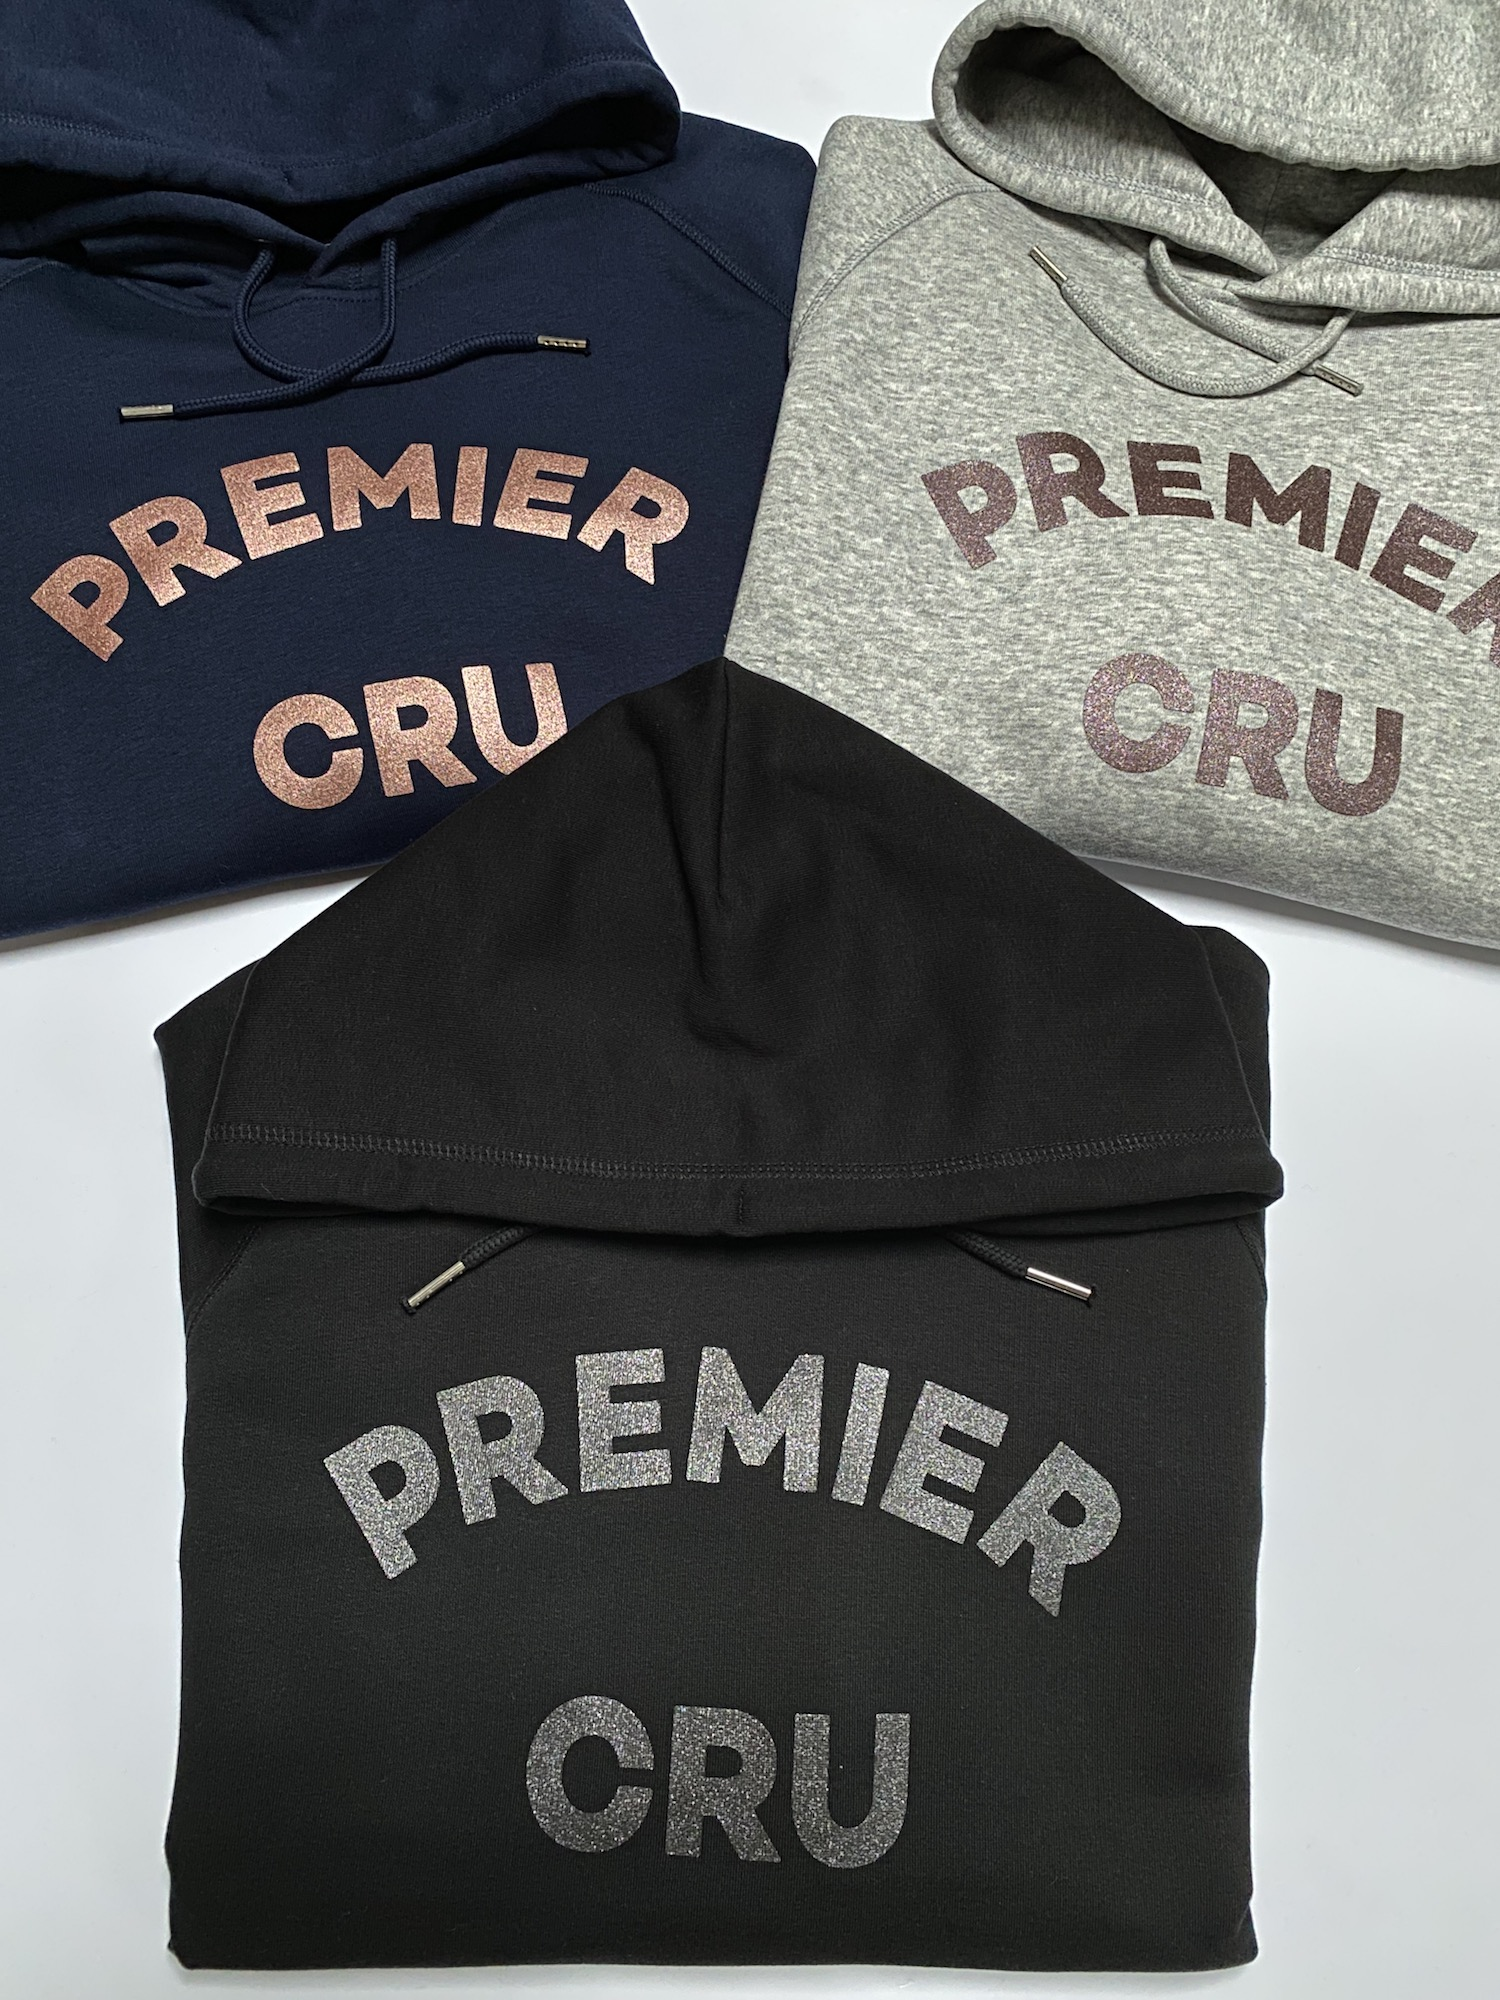 premier cru hoodie